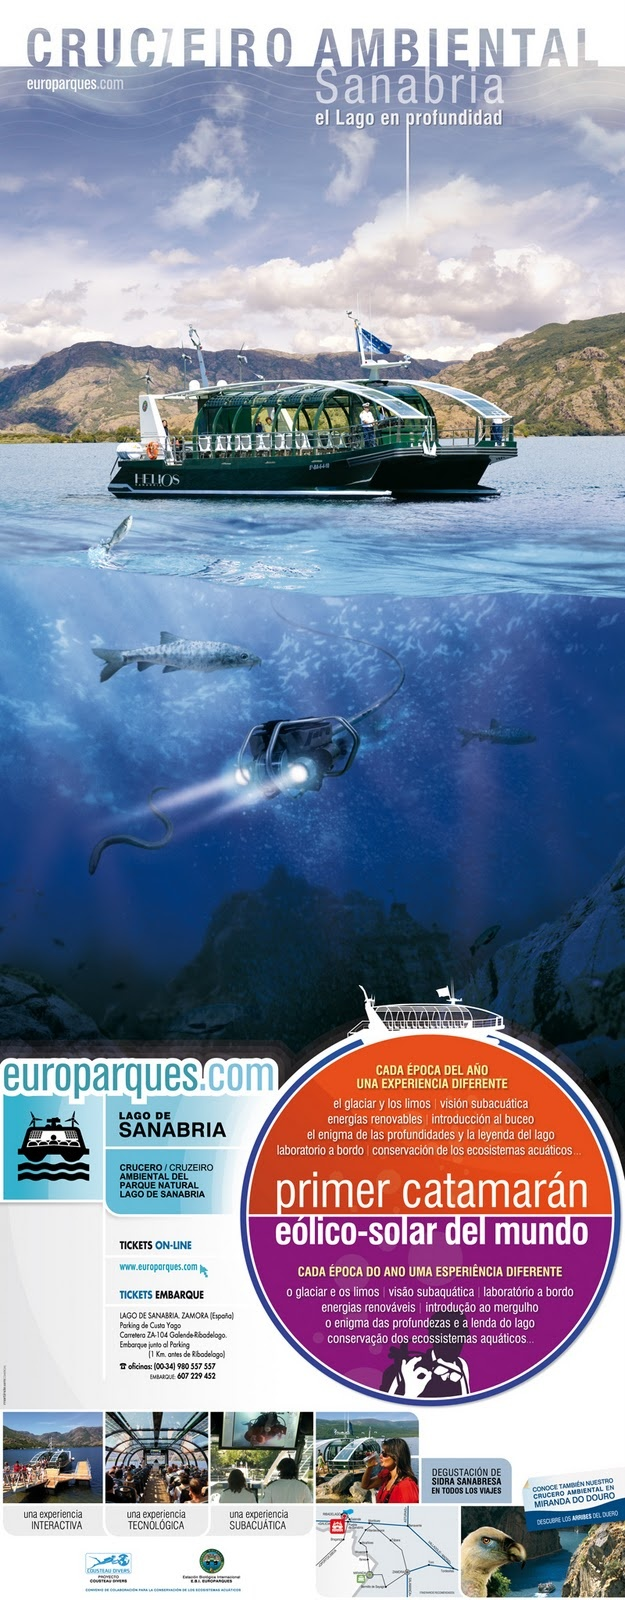 Crucero ambiental por en SANABRIA  Europarques 2012